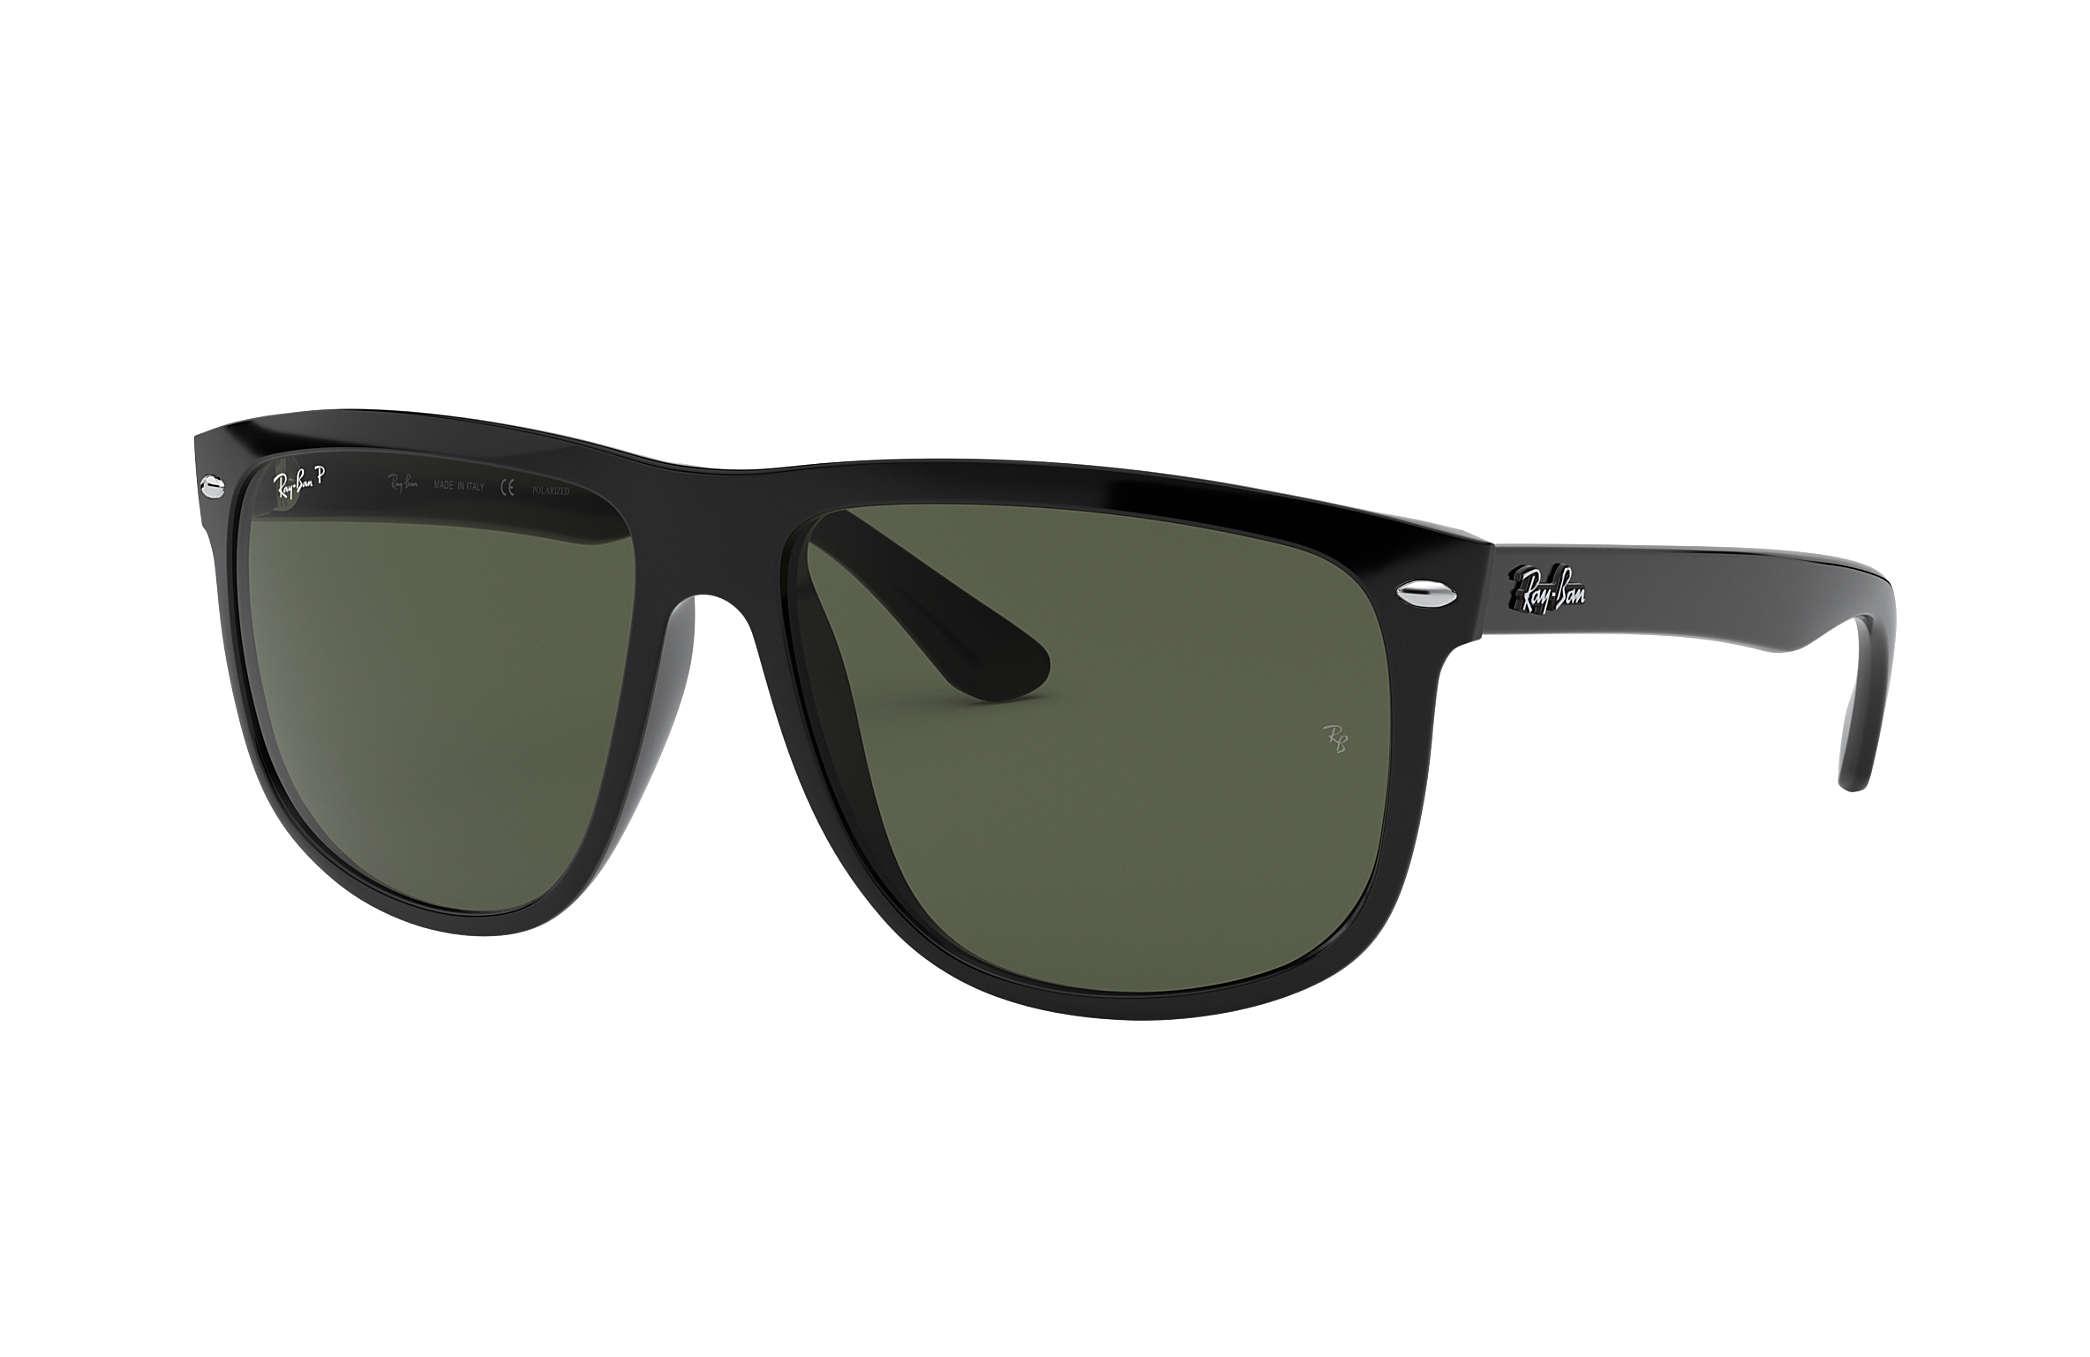 Ray-Ban RB4147 Black - Nylon - Green Polarized Lenses - 0RB4147601 ... 1e961e3e45bd